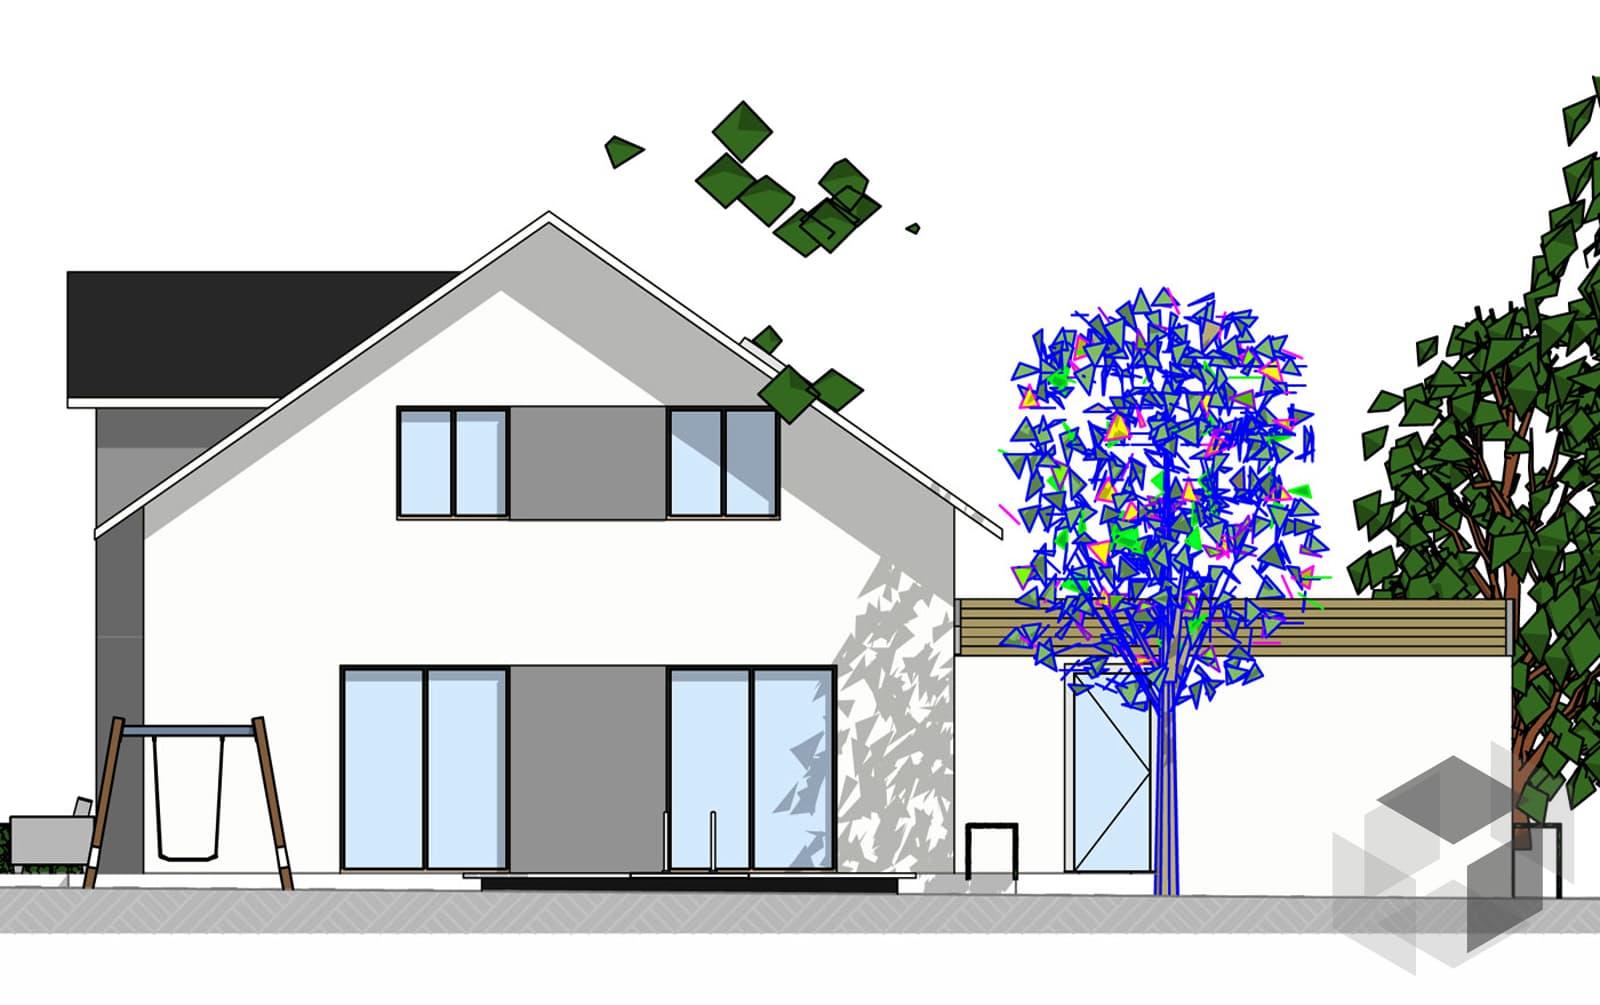 schlossberg von becker 360 komplette daten bersicht. Black Bedroom Furniture Sets. Home Design Ideas